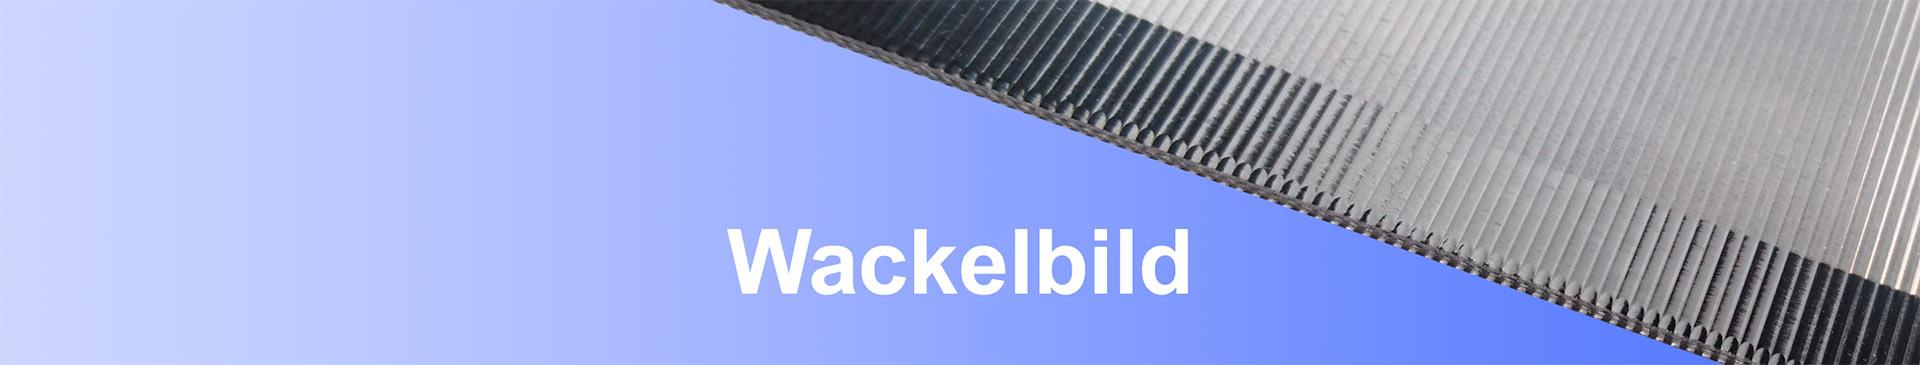 Wackelbild